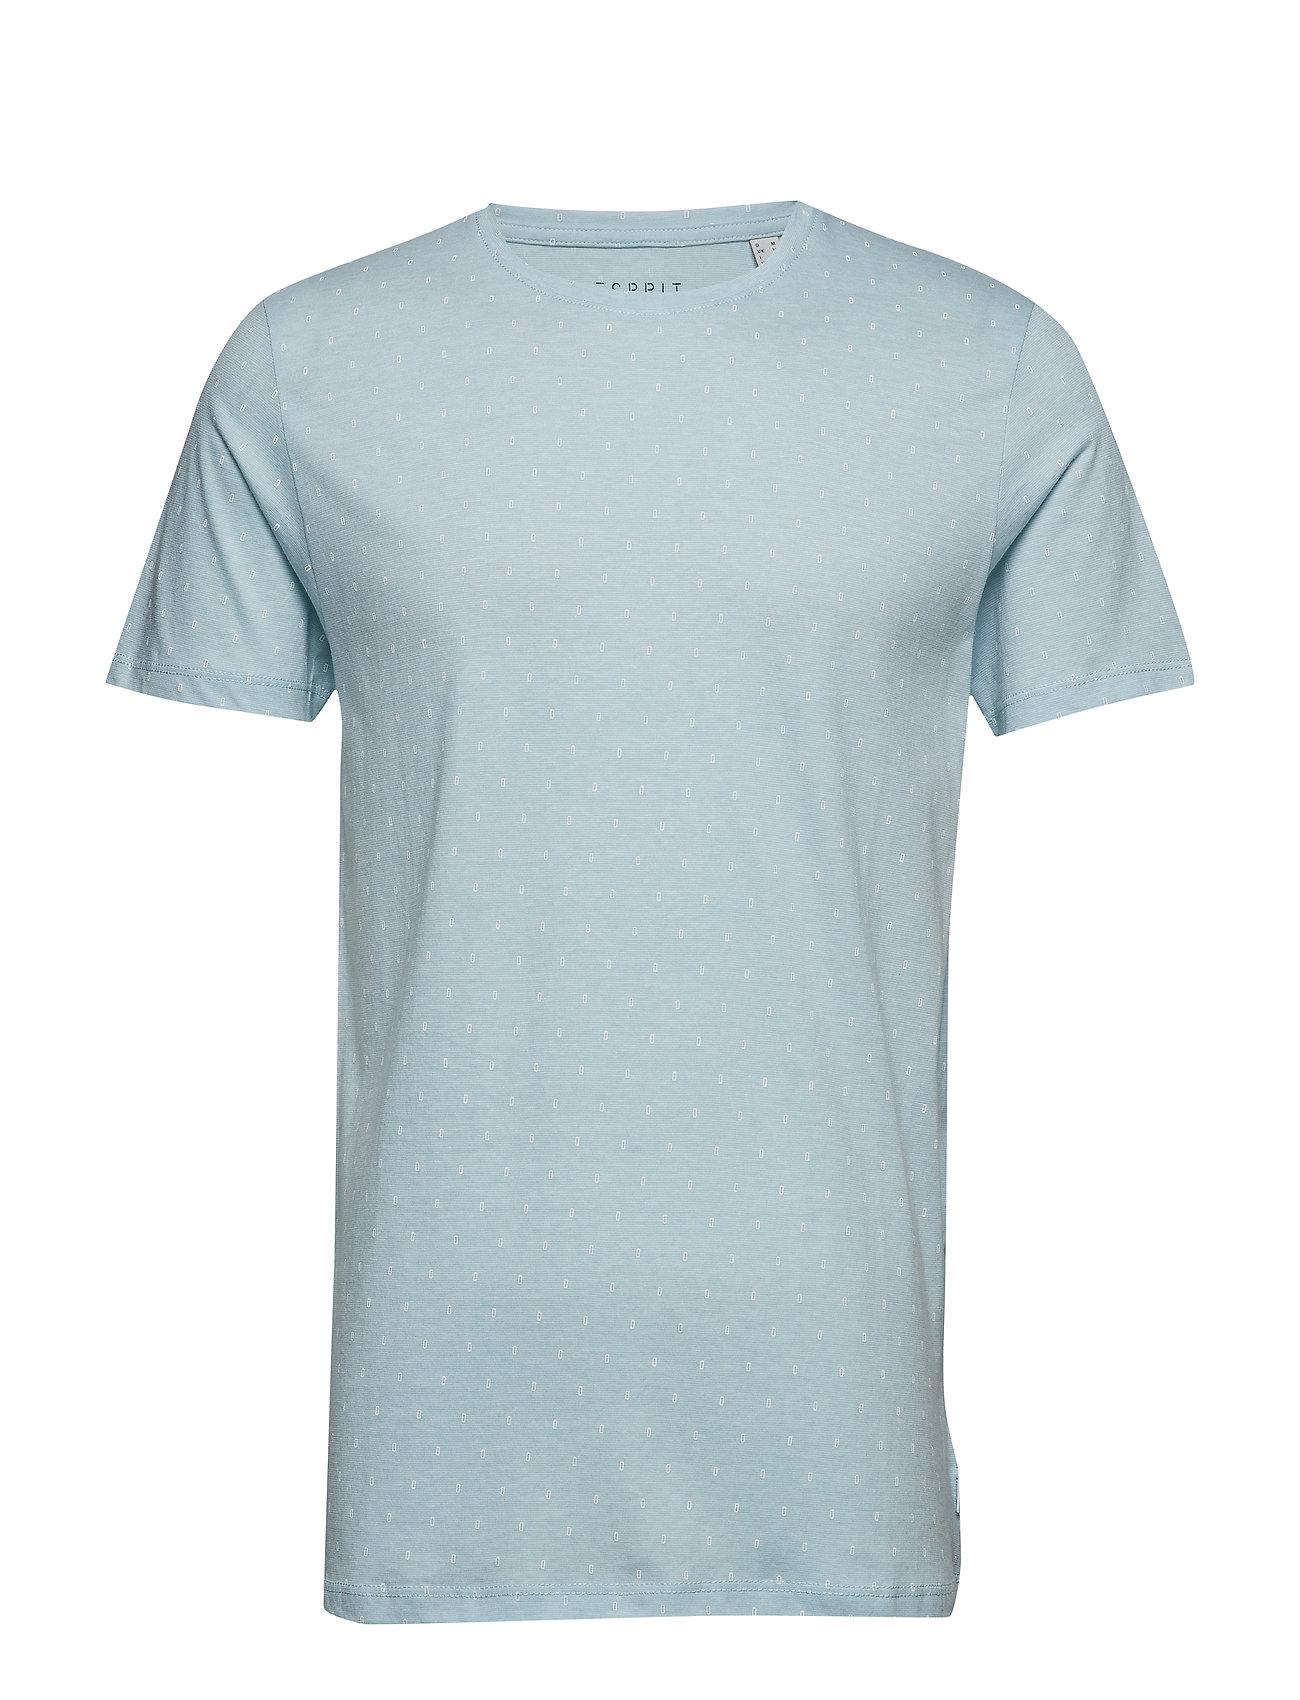 Casual T BlueEsprit shirtslight T BlueEsprit shirtslight BdoWxerC